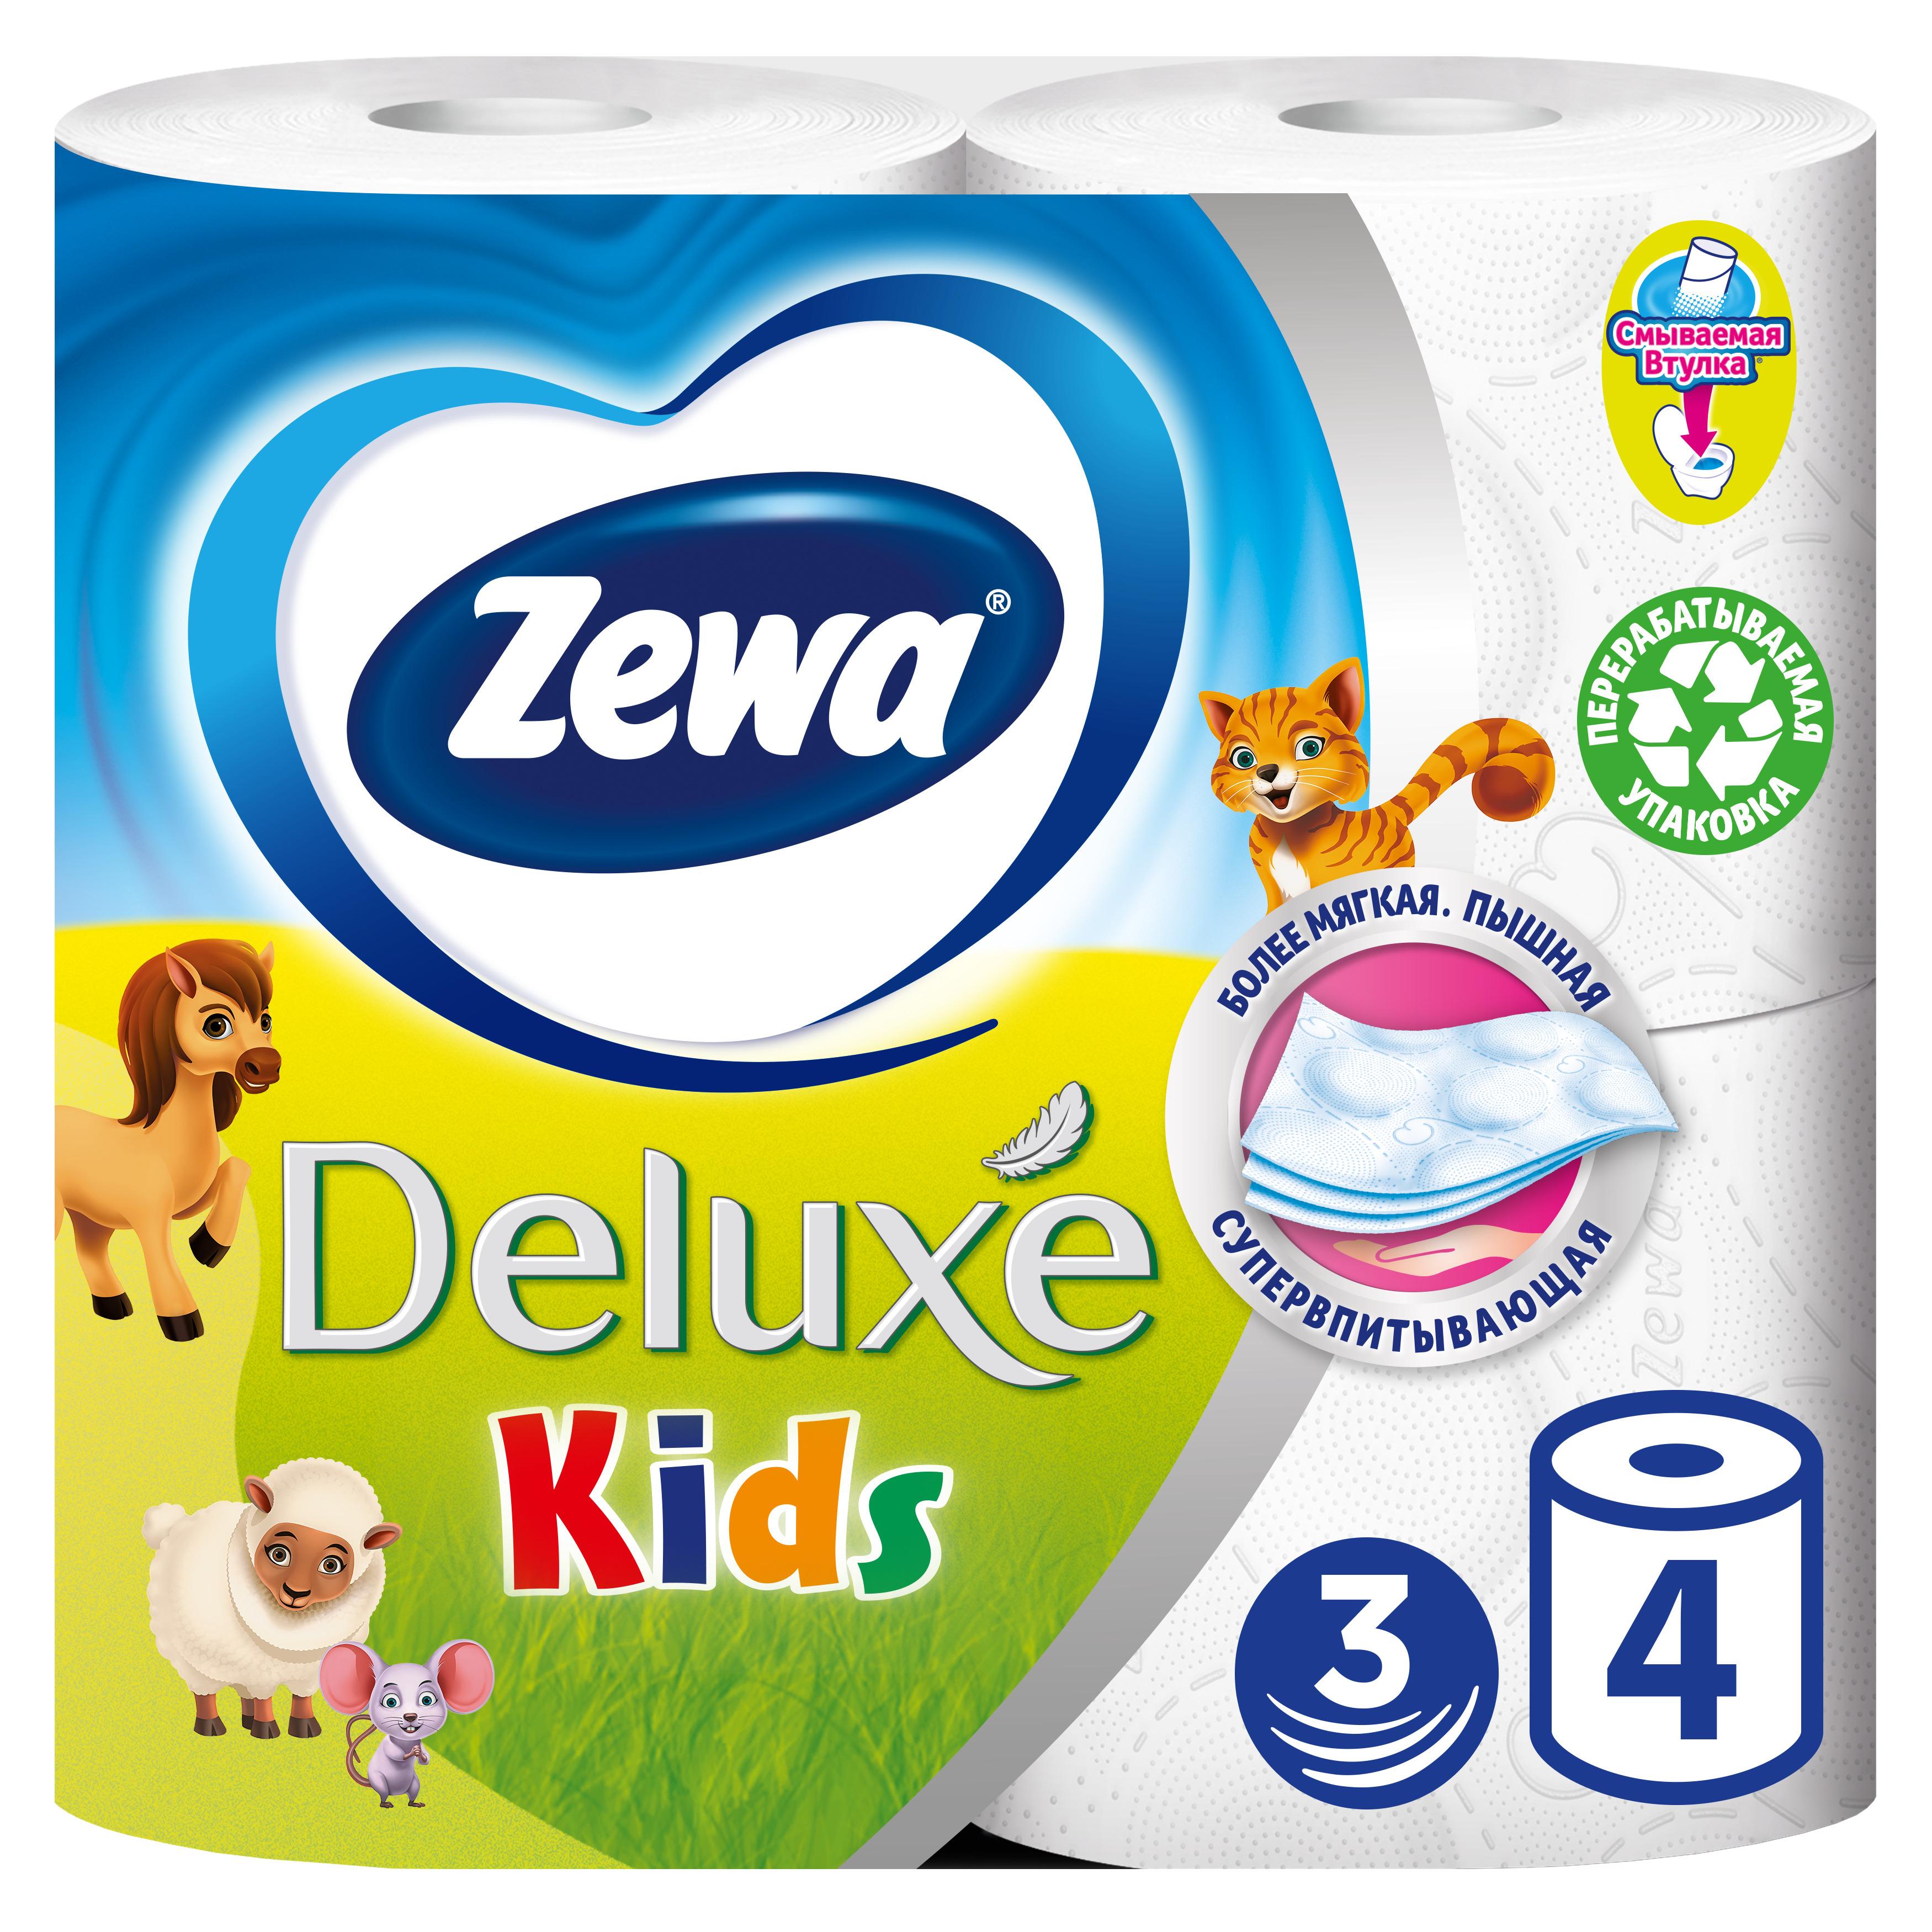 Купить Туалетная бумага Zewa Kids Детская, 3 слоя, 4 рулона, туалетная бумага 5622